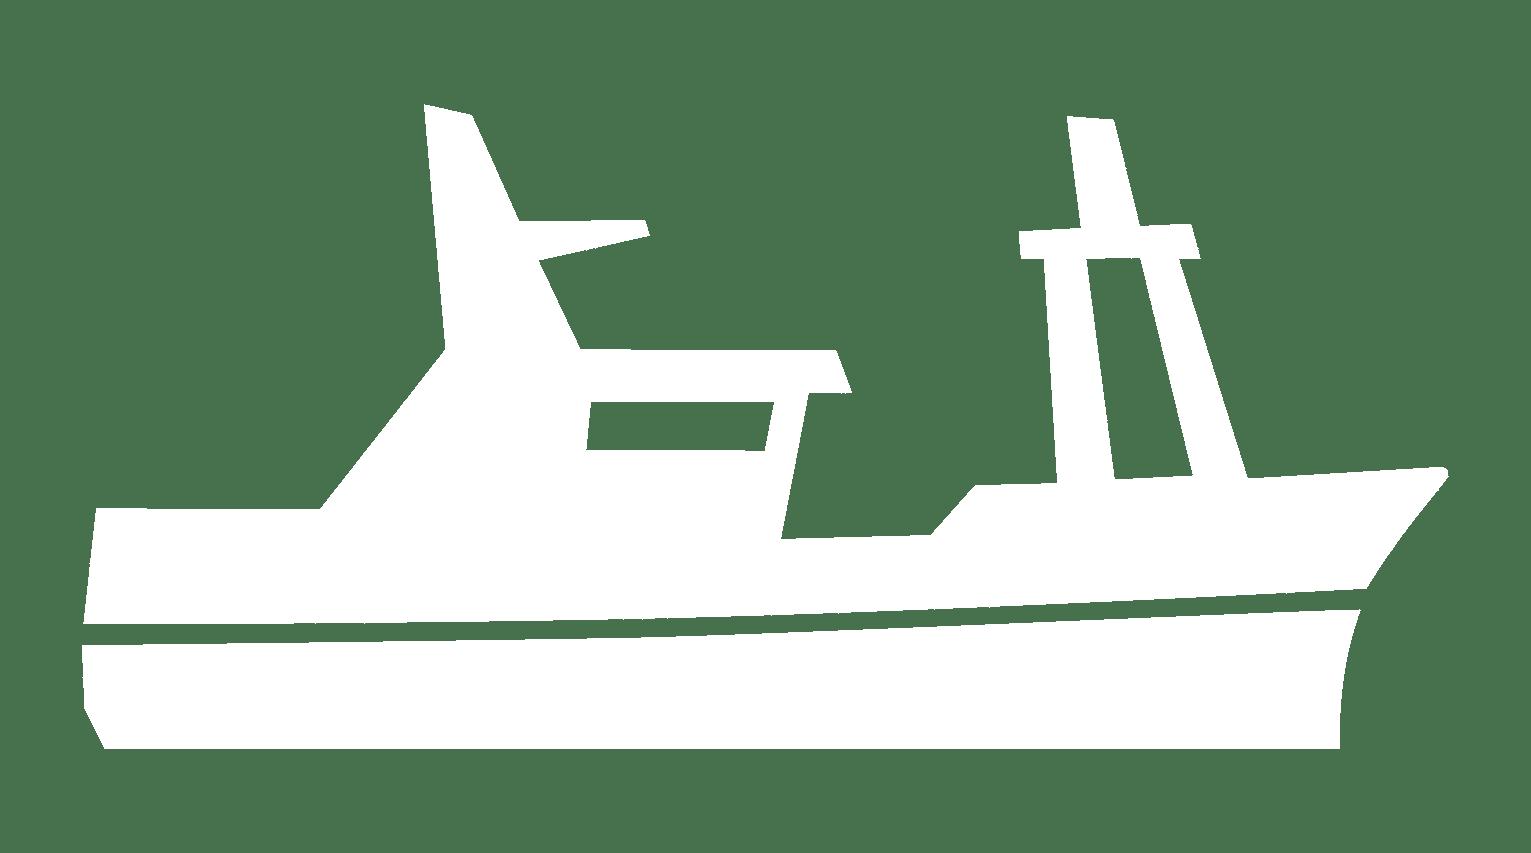 ikon-marine-hvit